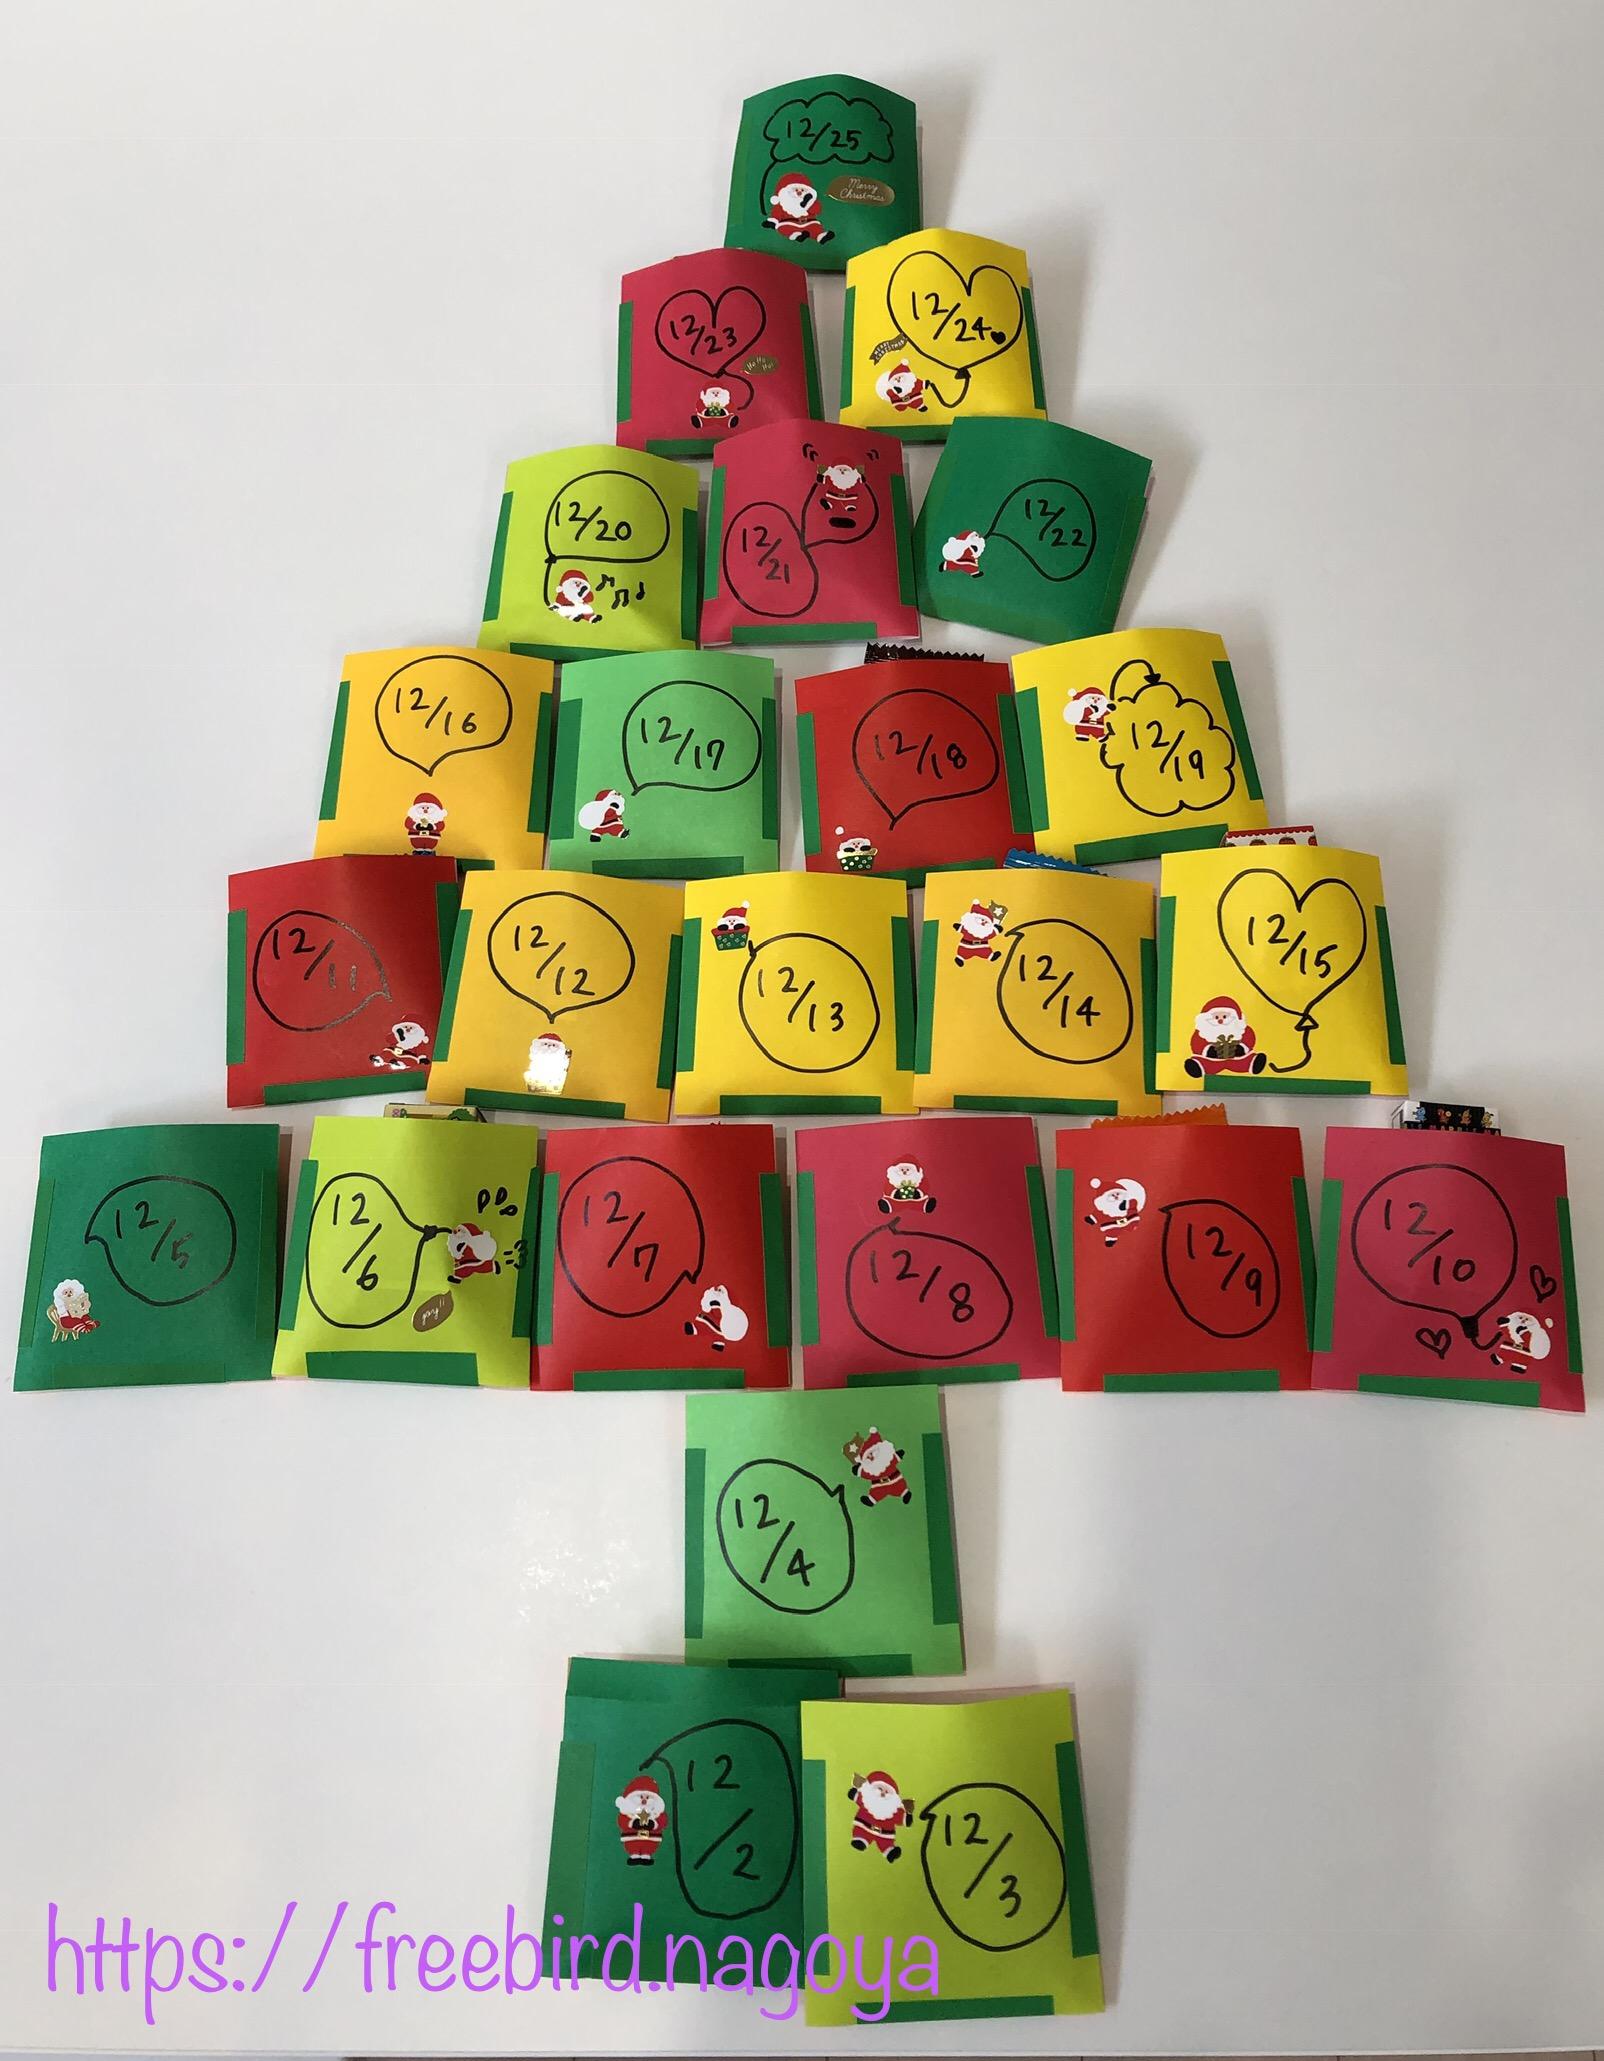 アドベントカレンダーを手作り 簡単に作る3つのポイントはこれ!